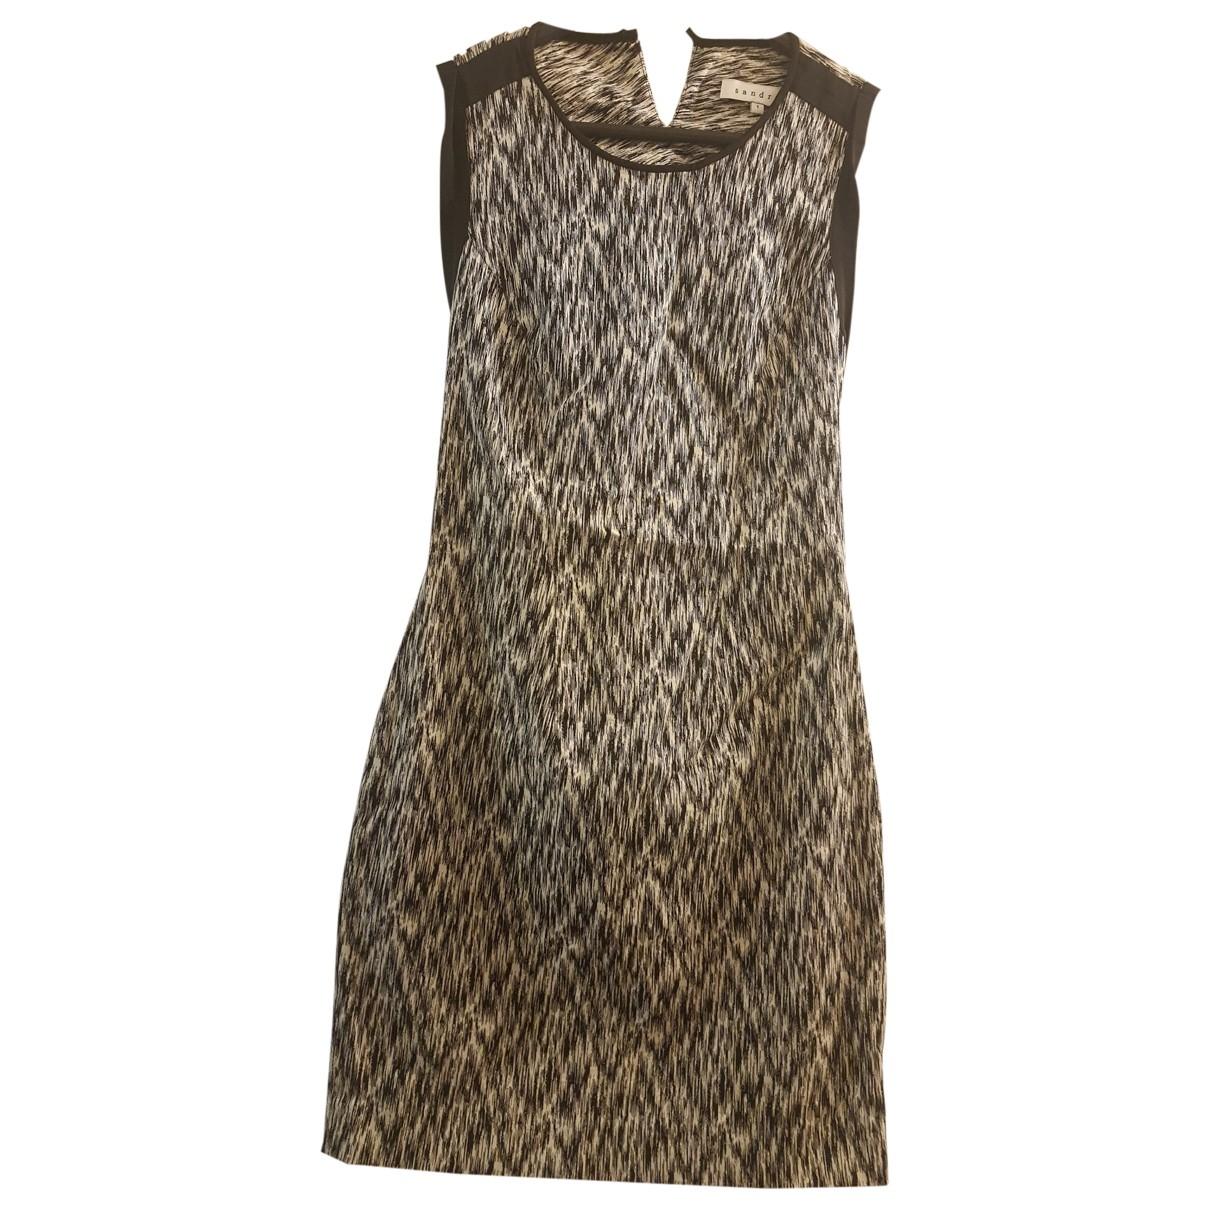 Sandro \N Kleid in Baumwolle - Elasthan